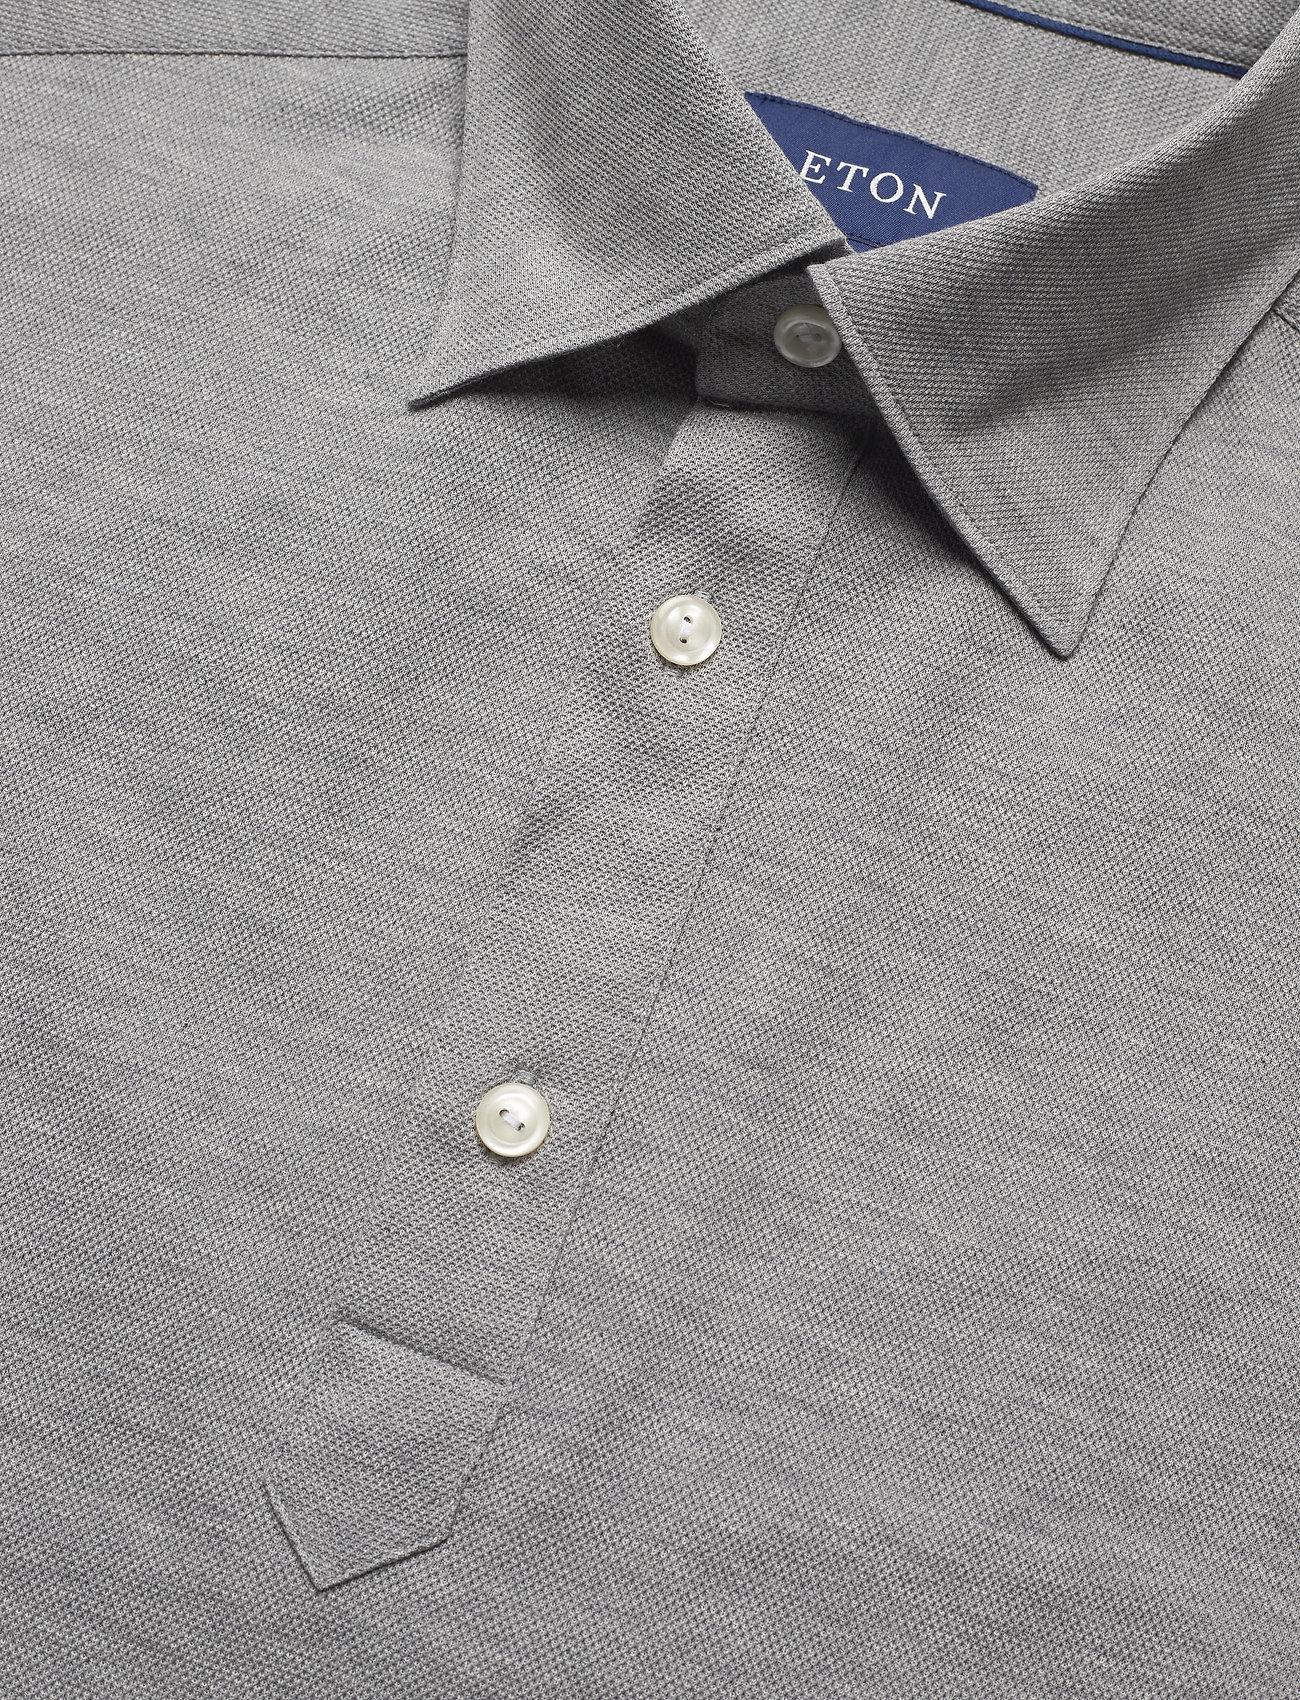 Eton Blue Polo Short Sleeve Popover Shirt - Poloskjorter GREY - Menn Klær